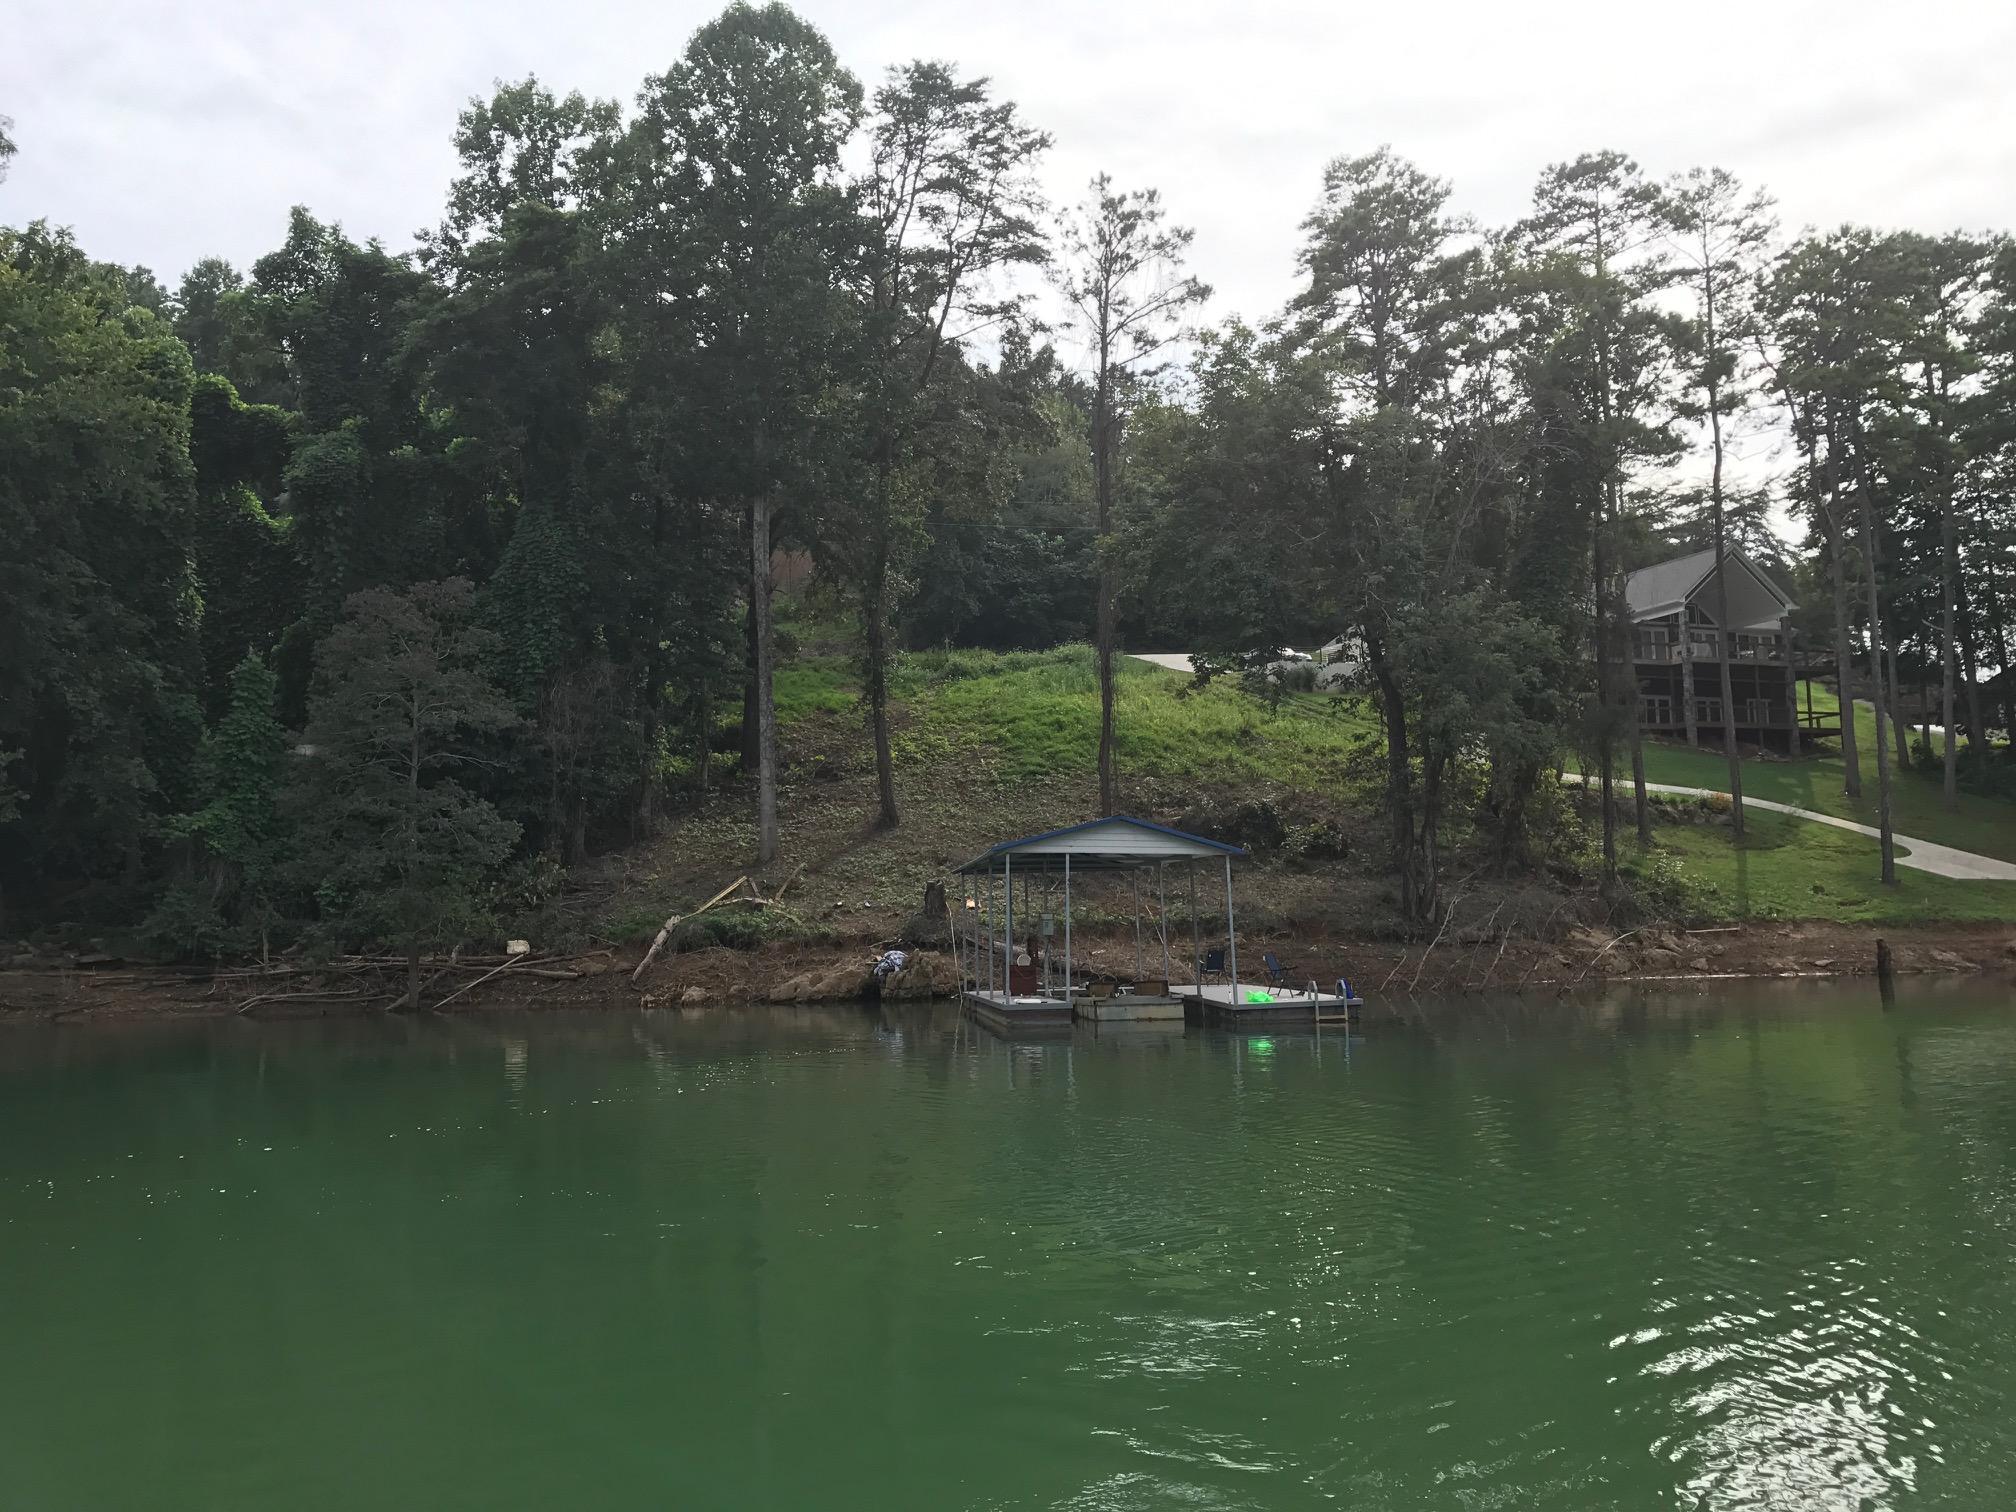 165 Lake Springs Drive: